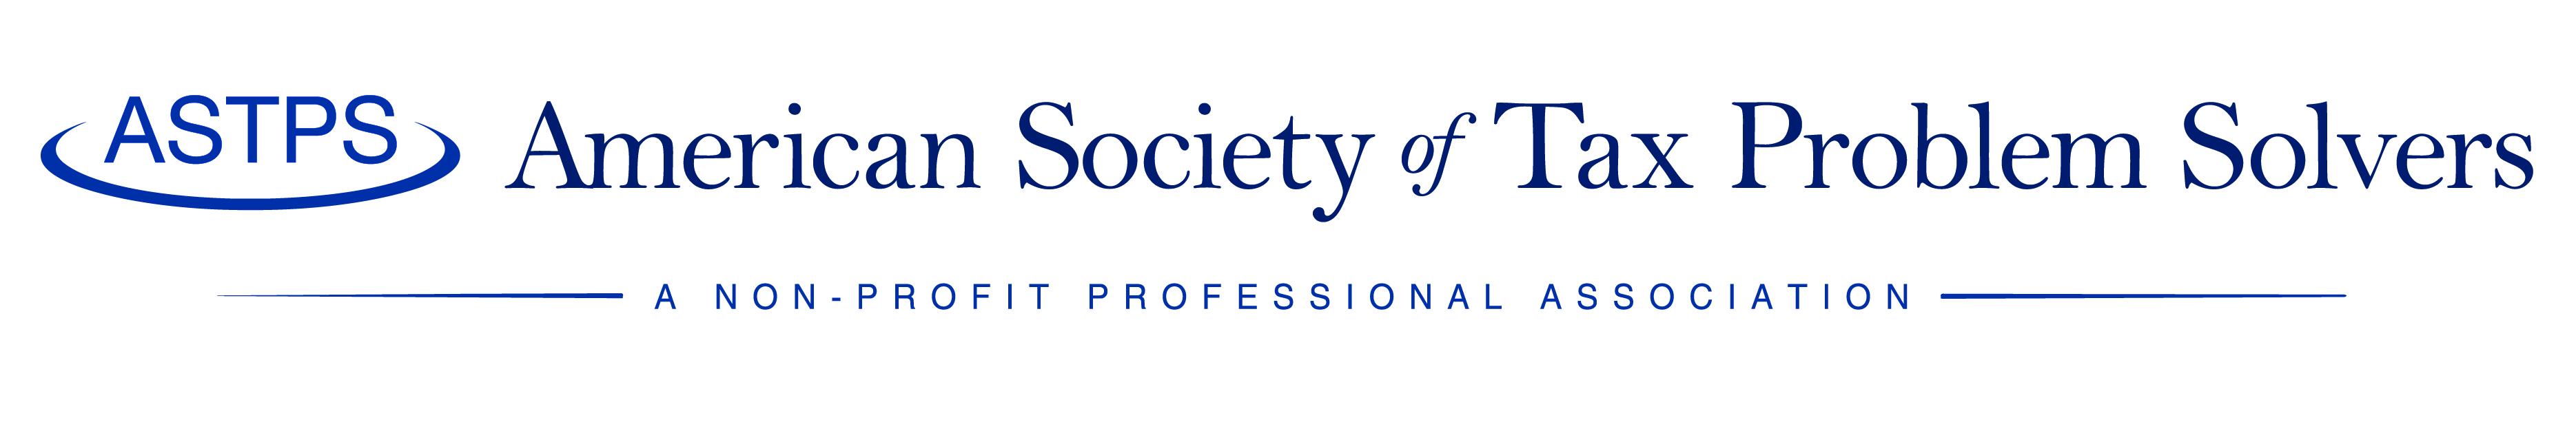 astps_logo_blue